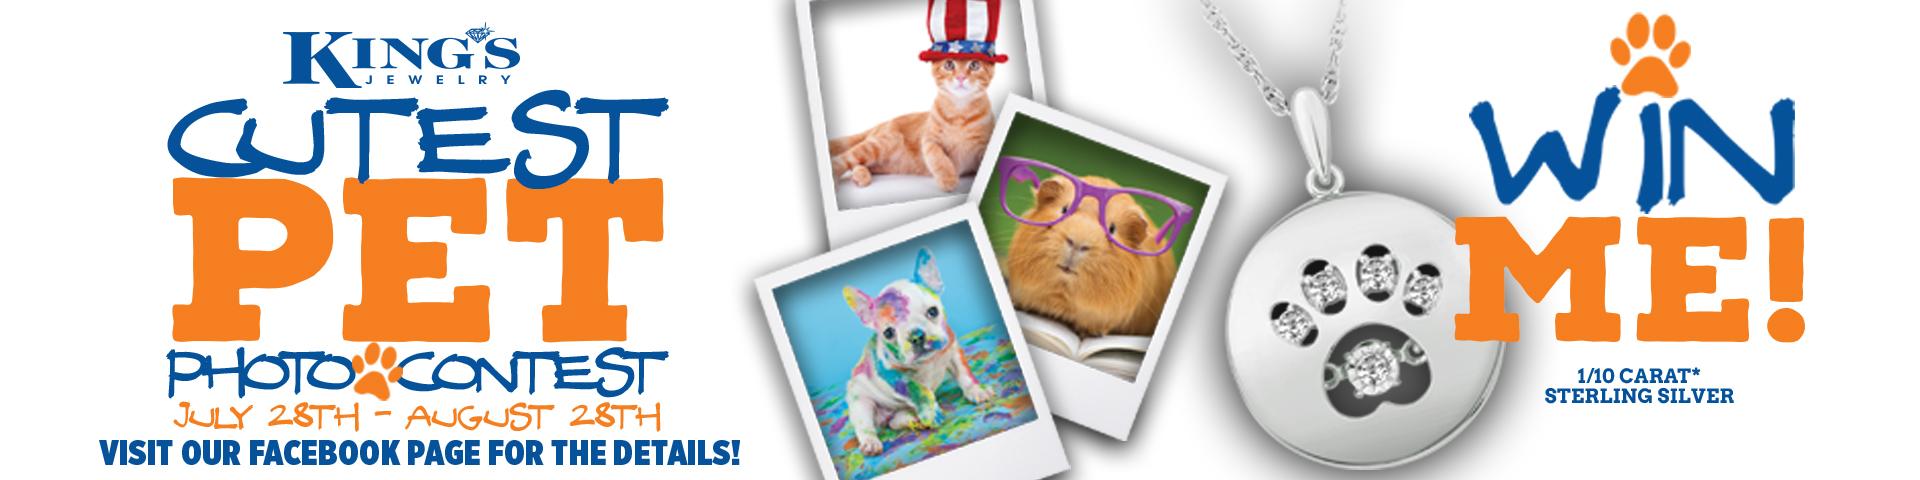 Cutest Pet Photo Contest!